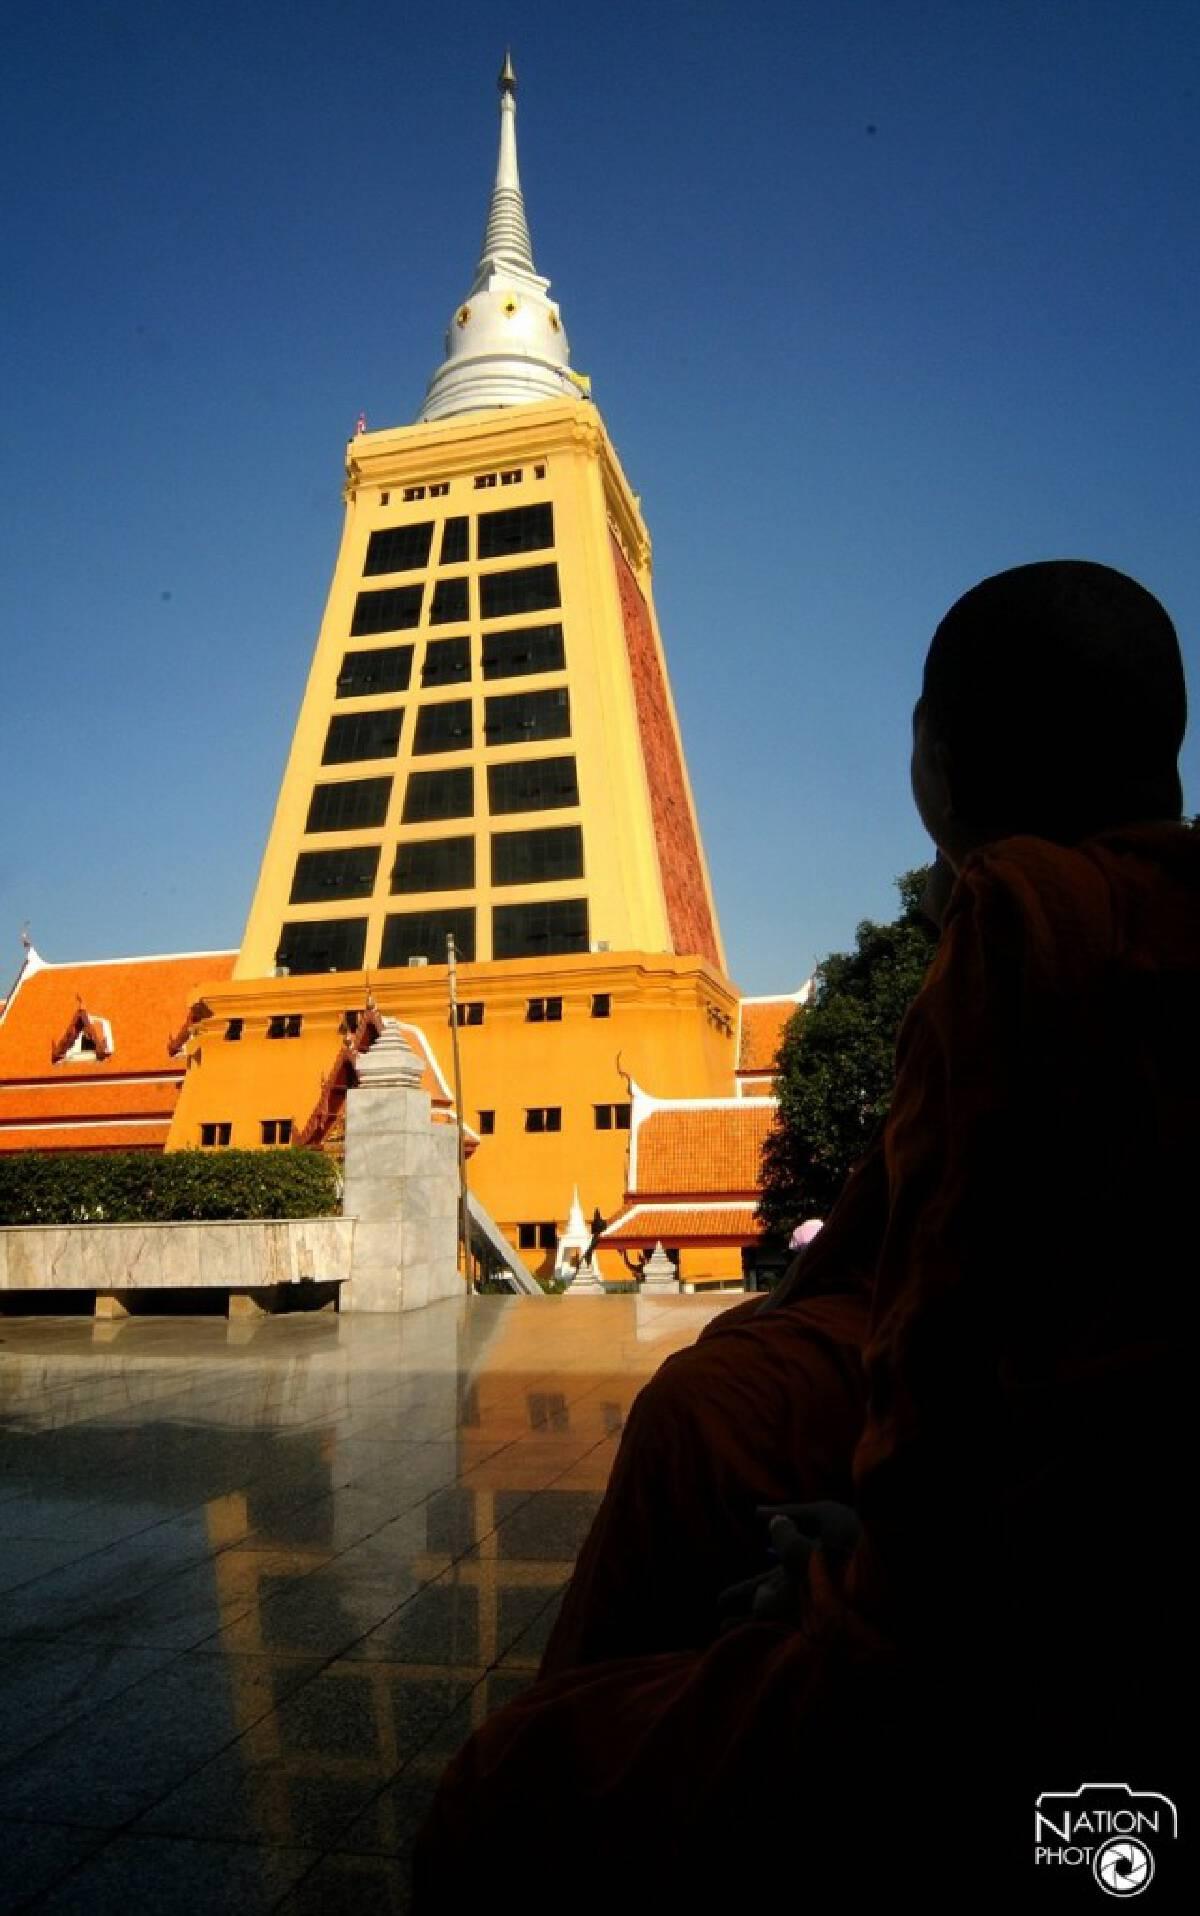 พาชม พระวิริยะมงคลมหาเจดีย์ เจดีย์ที่สูงสุดในประเทศไทย